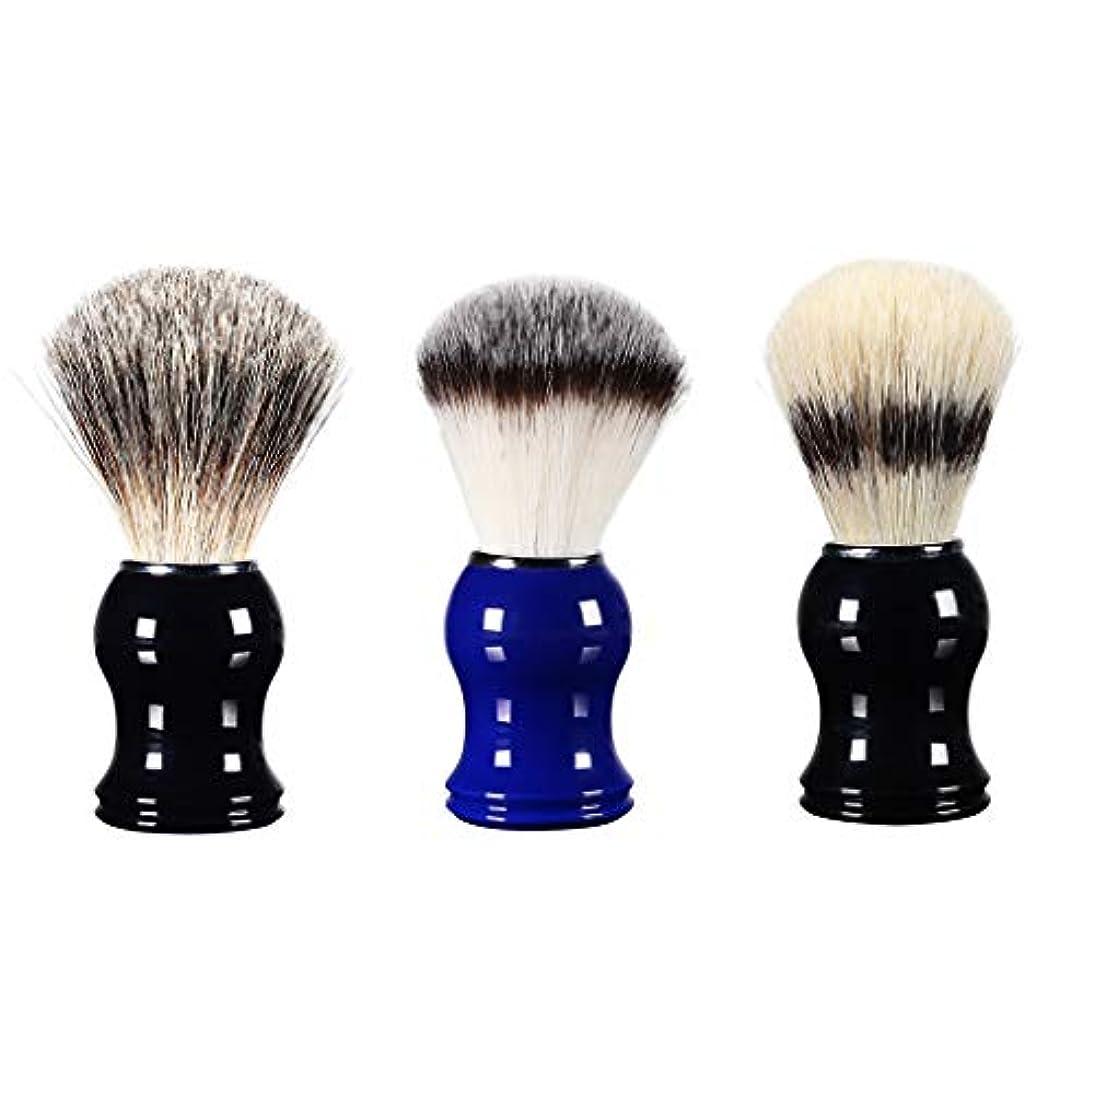 論理的原稿咽頭sharprepublic メンズ用 髭剃り シェービングブラシ 樹脂ハ ンドル 理容 洗顔 髭剃り 男性 ギフト 3個入